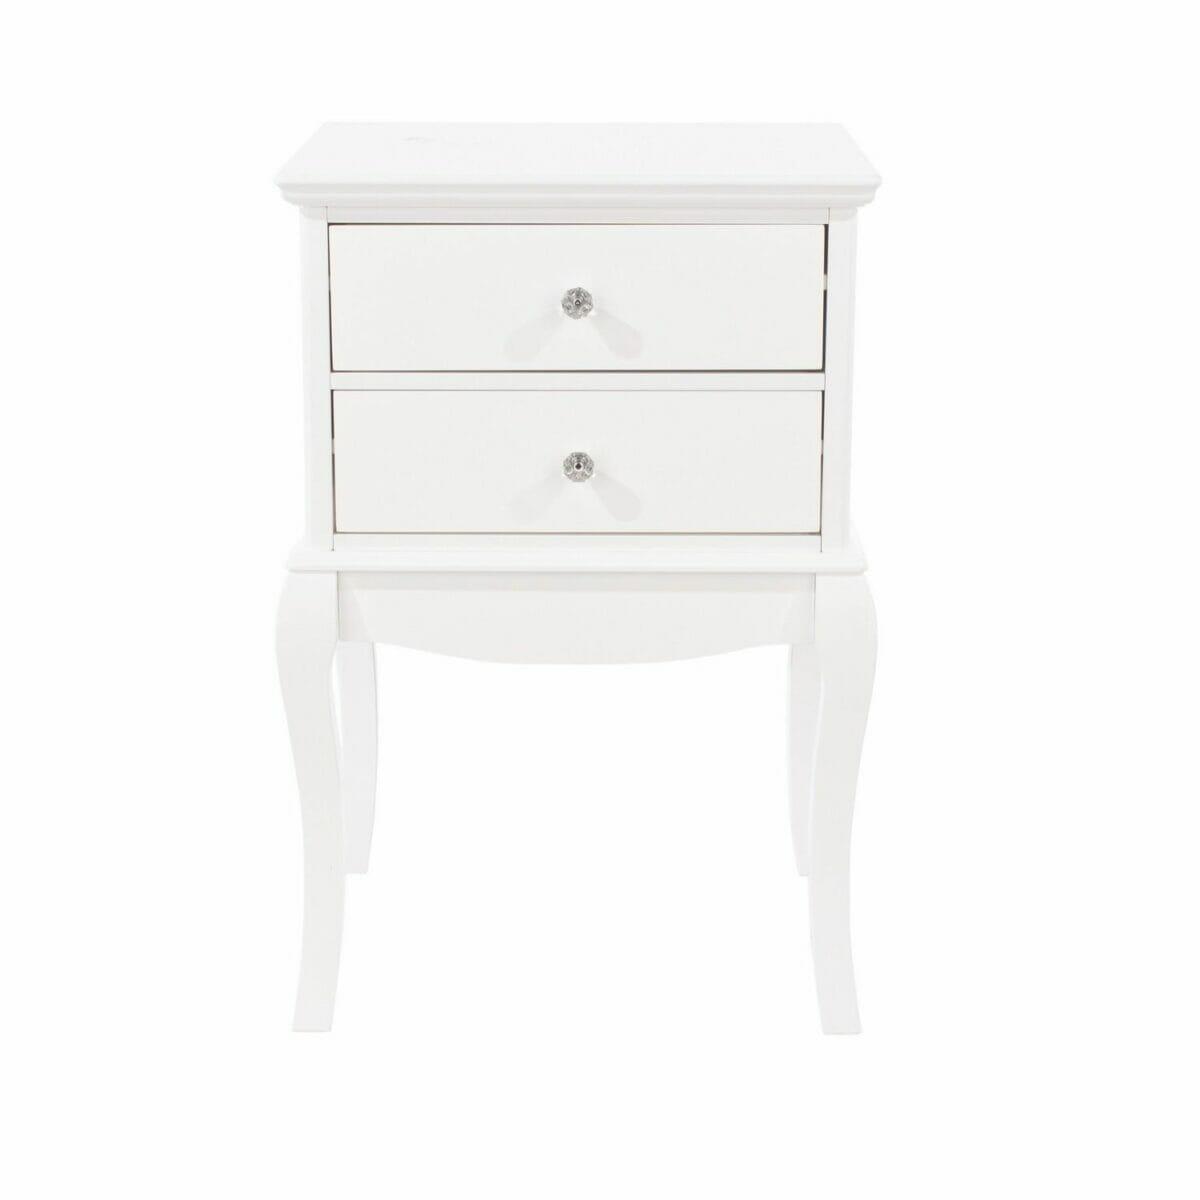 Options Mdf Lyon, 2 Drawer Bedside Cabinet